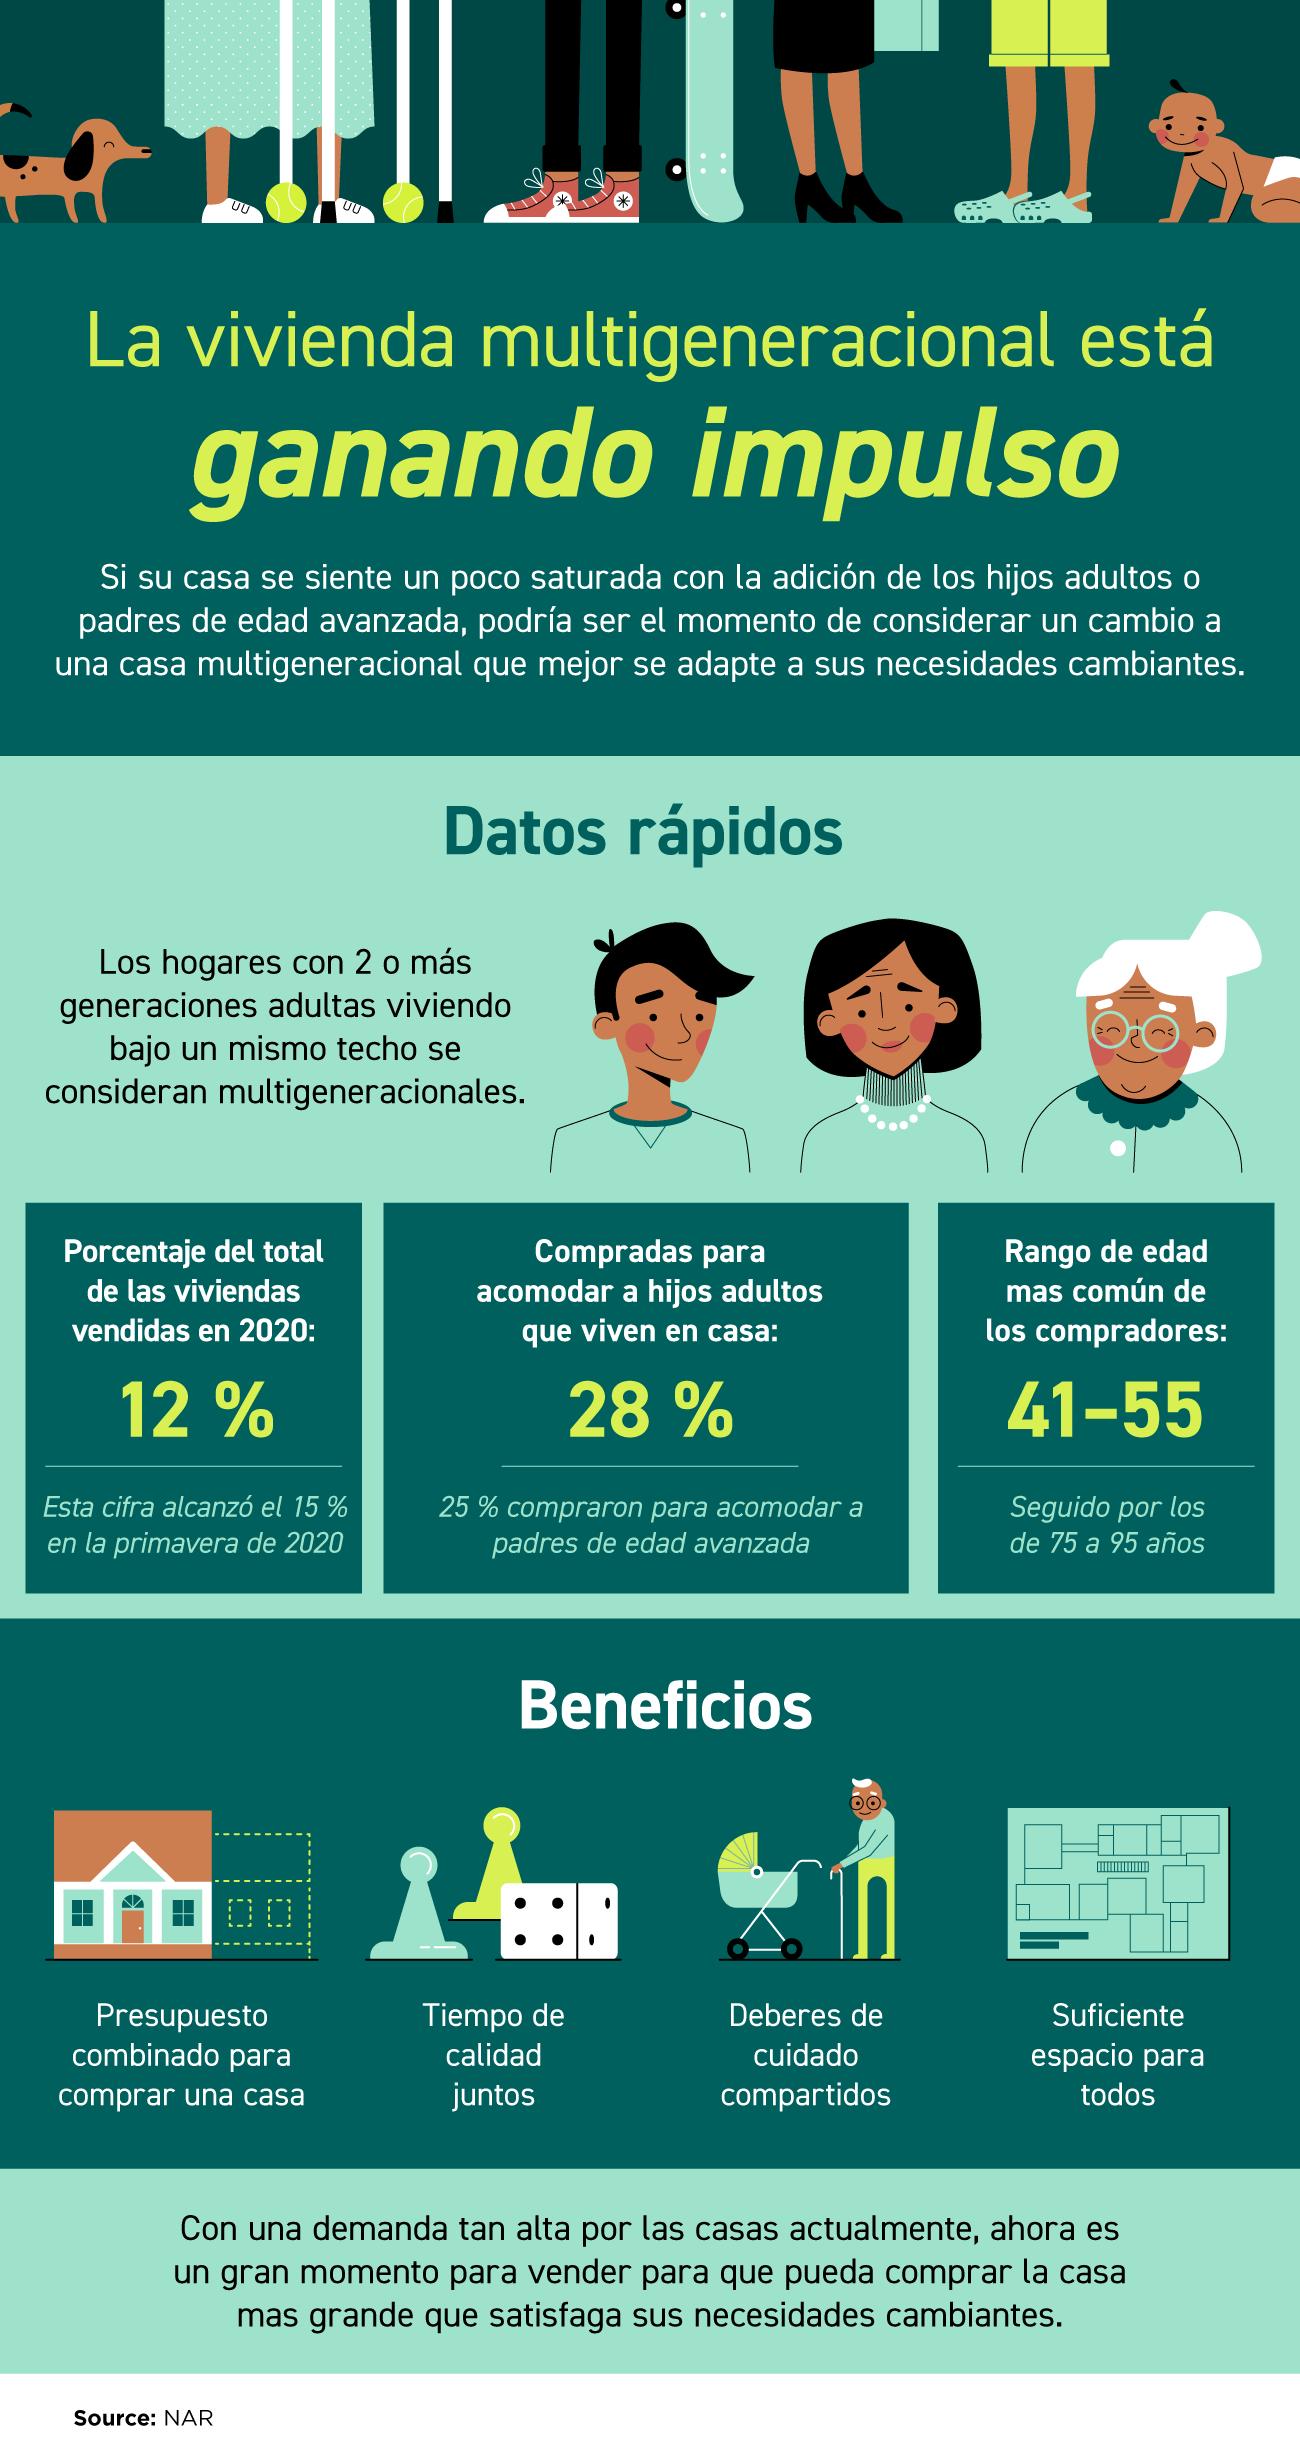 La vivienda multigeneracional está ganando impulso [Infografía] | Simplifying The Market